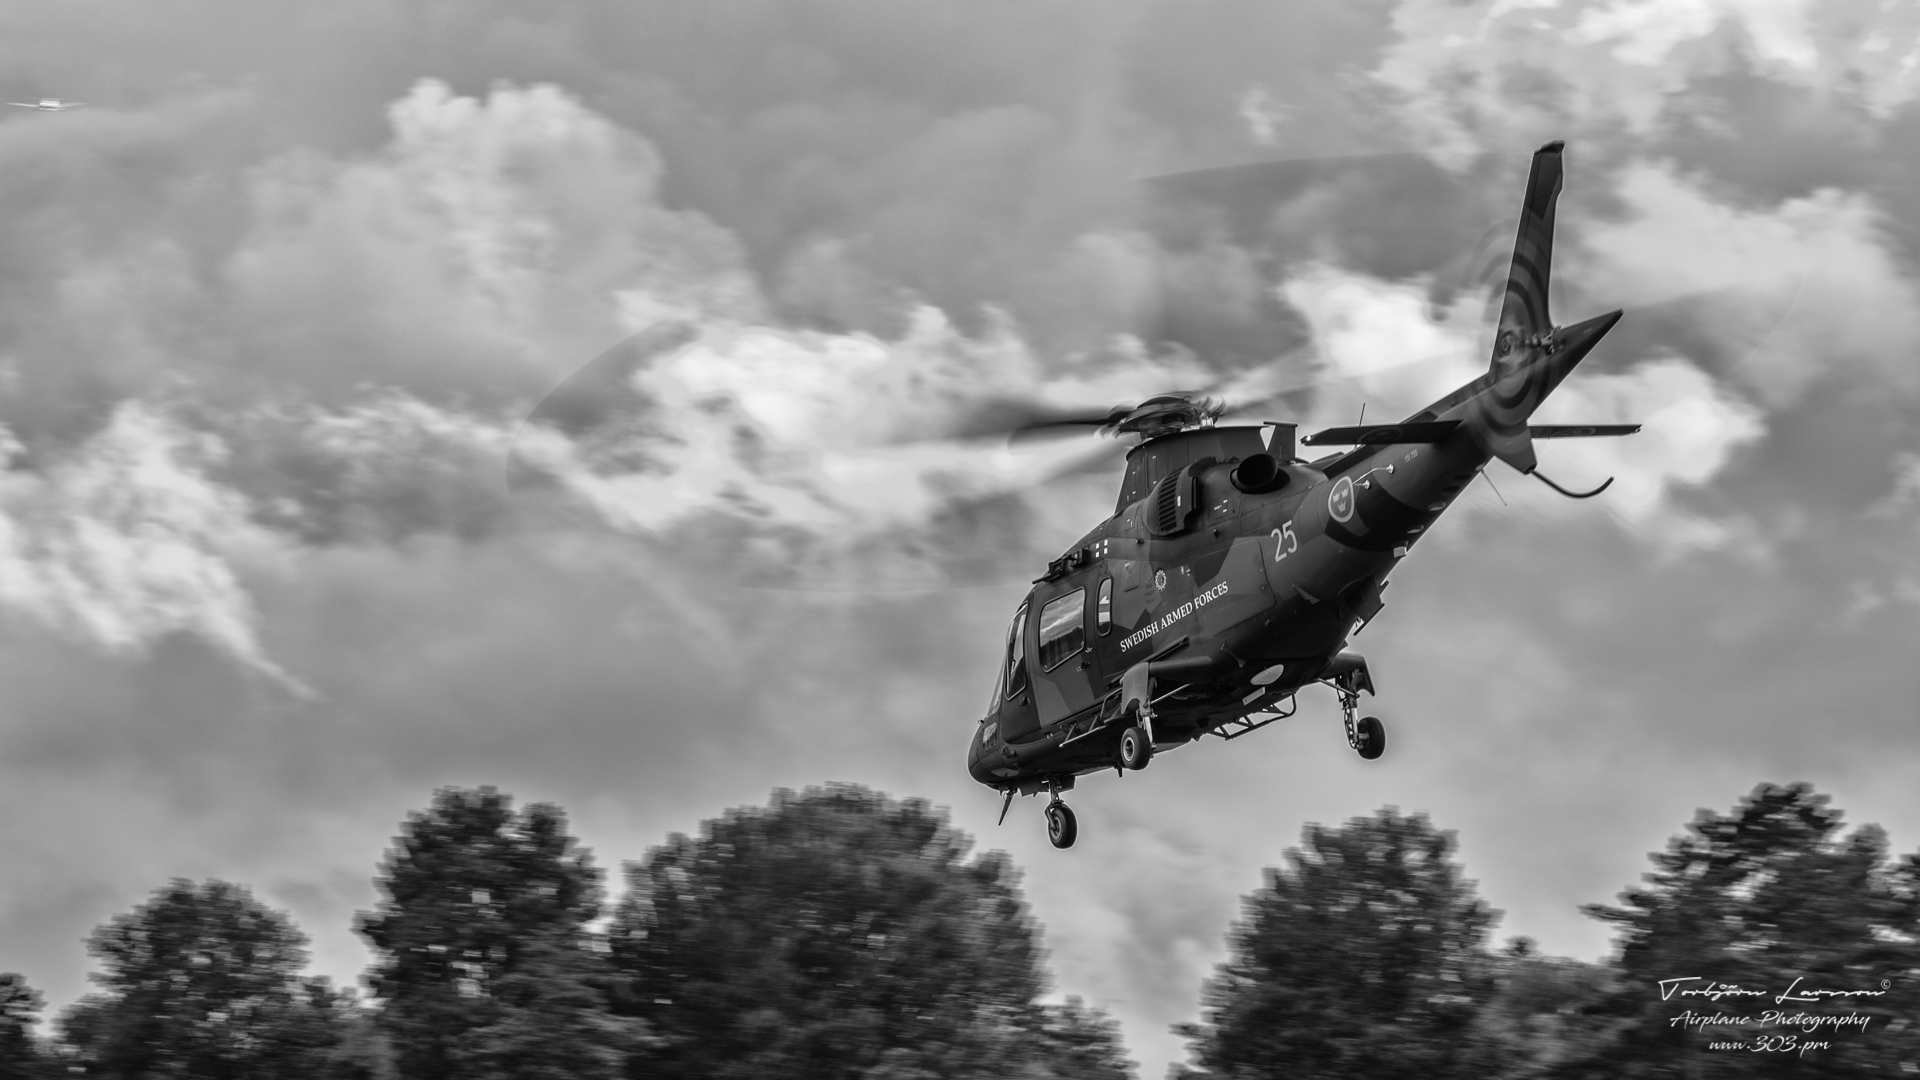 TBE_4387-AgustaWestland AW109 - HKP 15